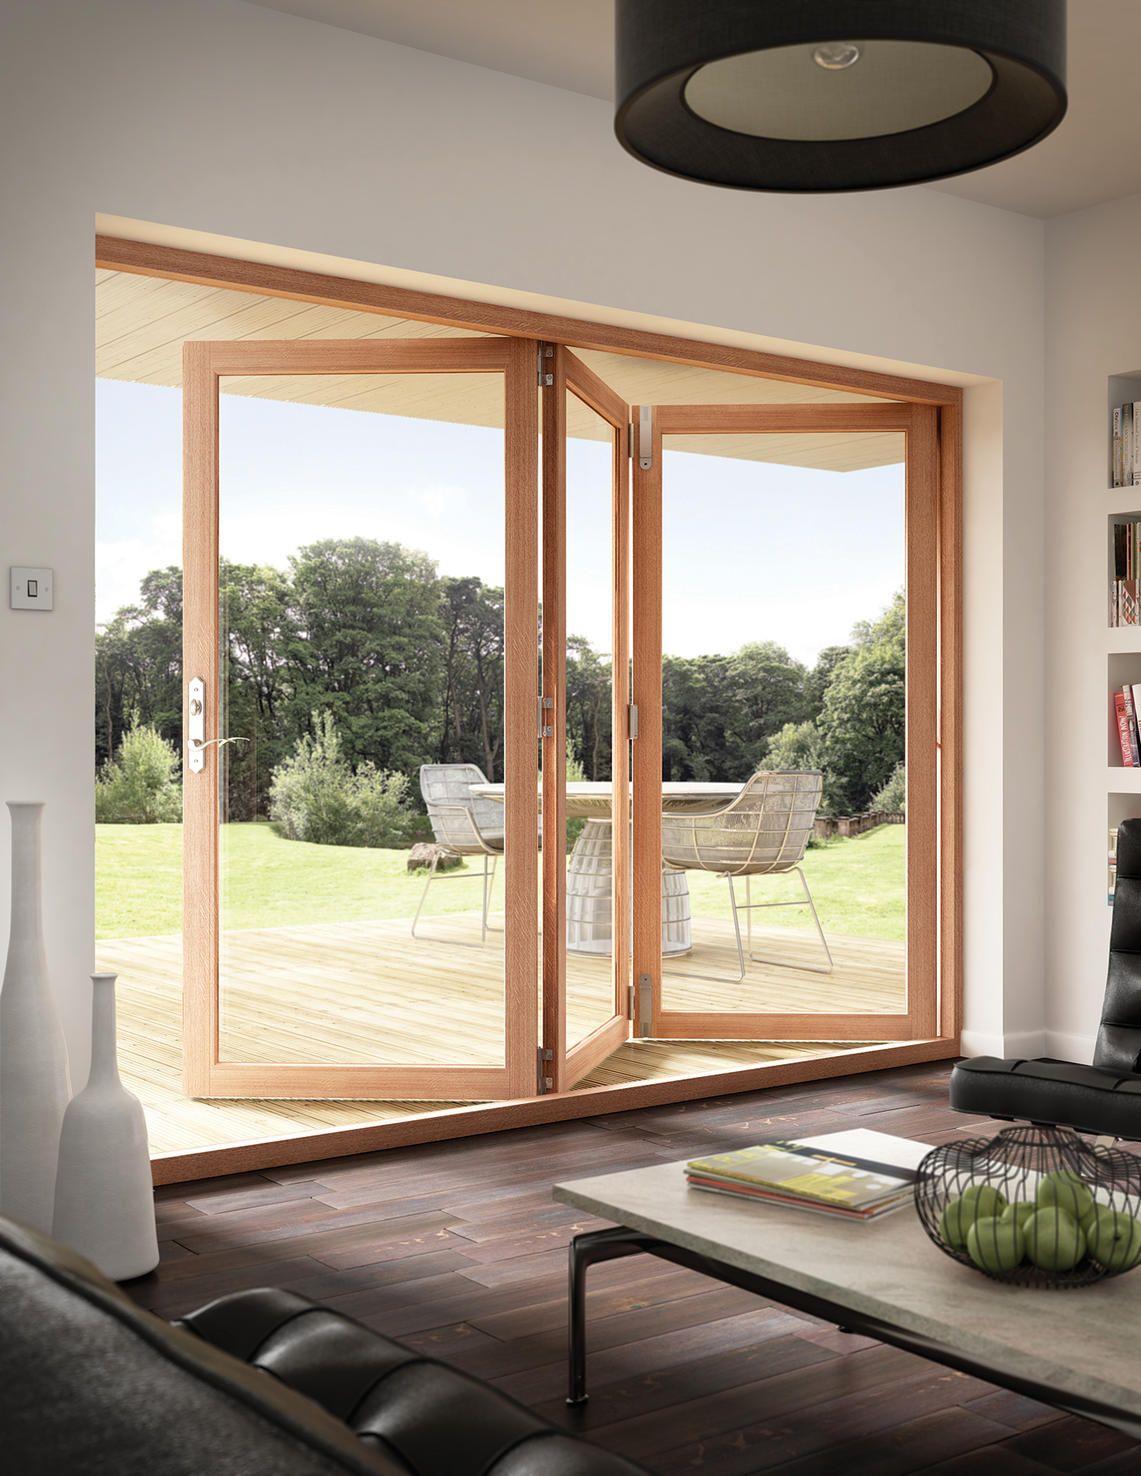 Puerta madera clara proyecto casa pinterest puerta for Puerta corredera exterior jardin